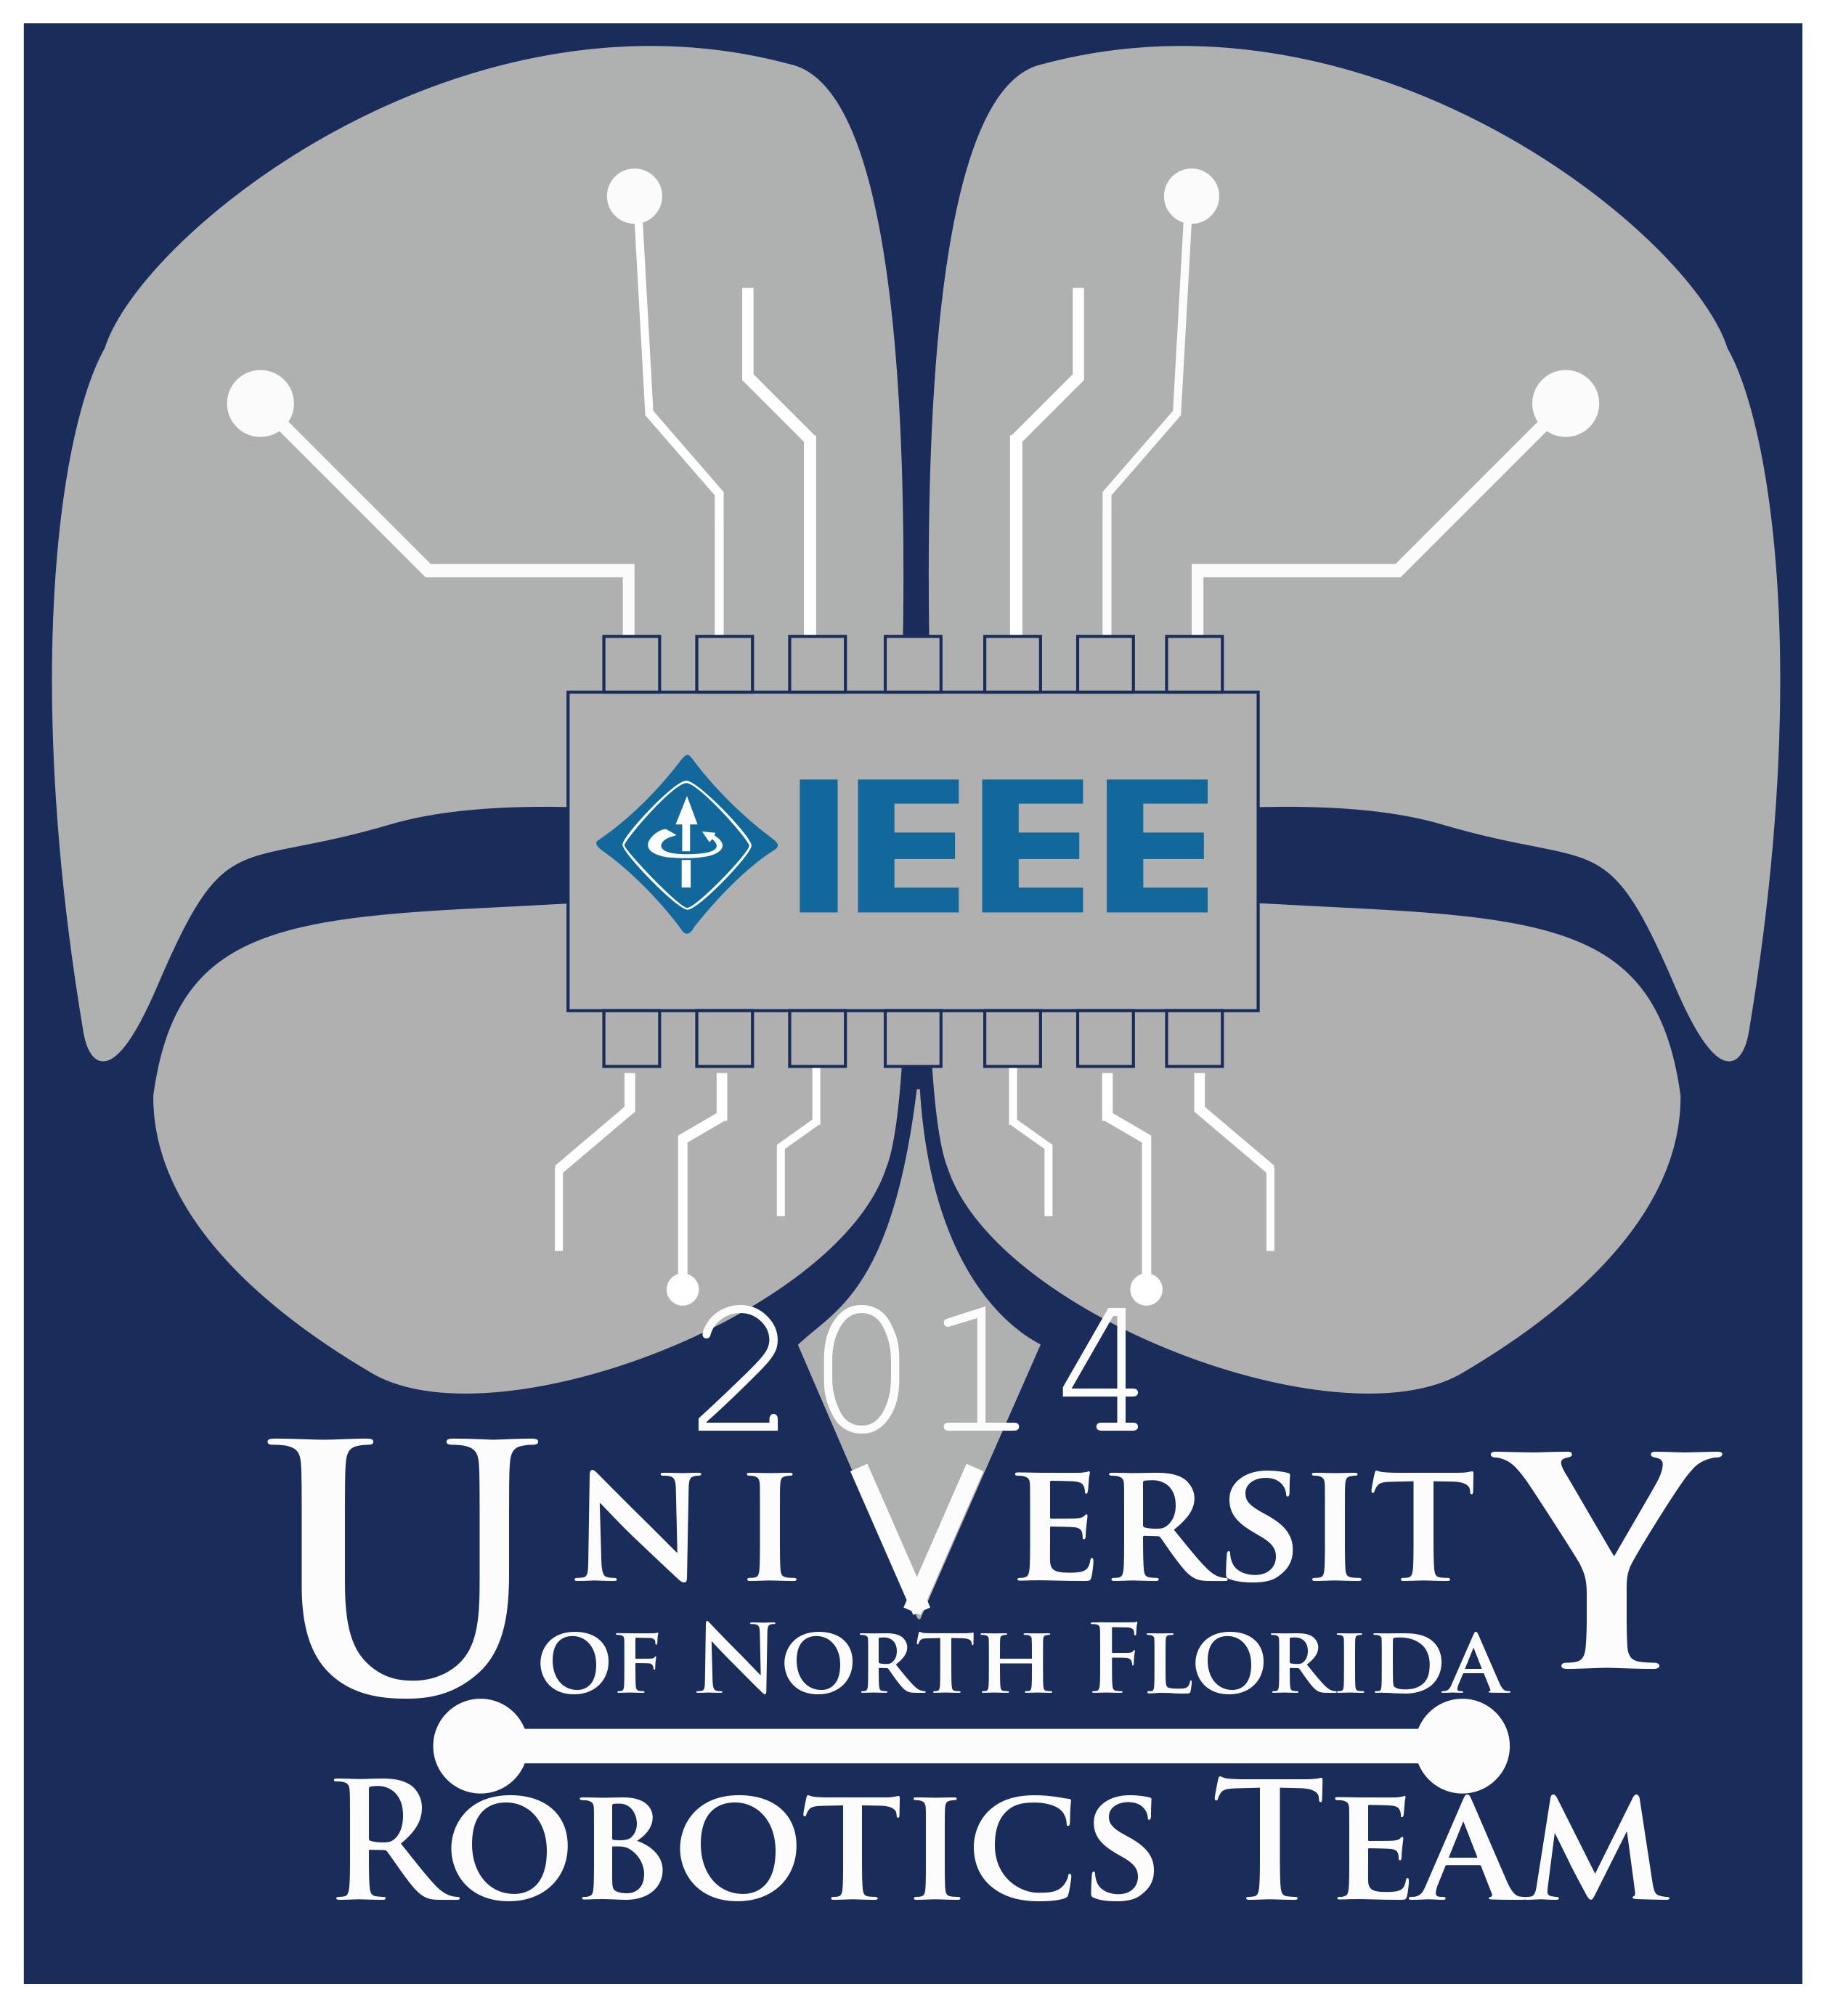 IEEE T-shirt design